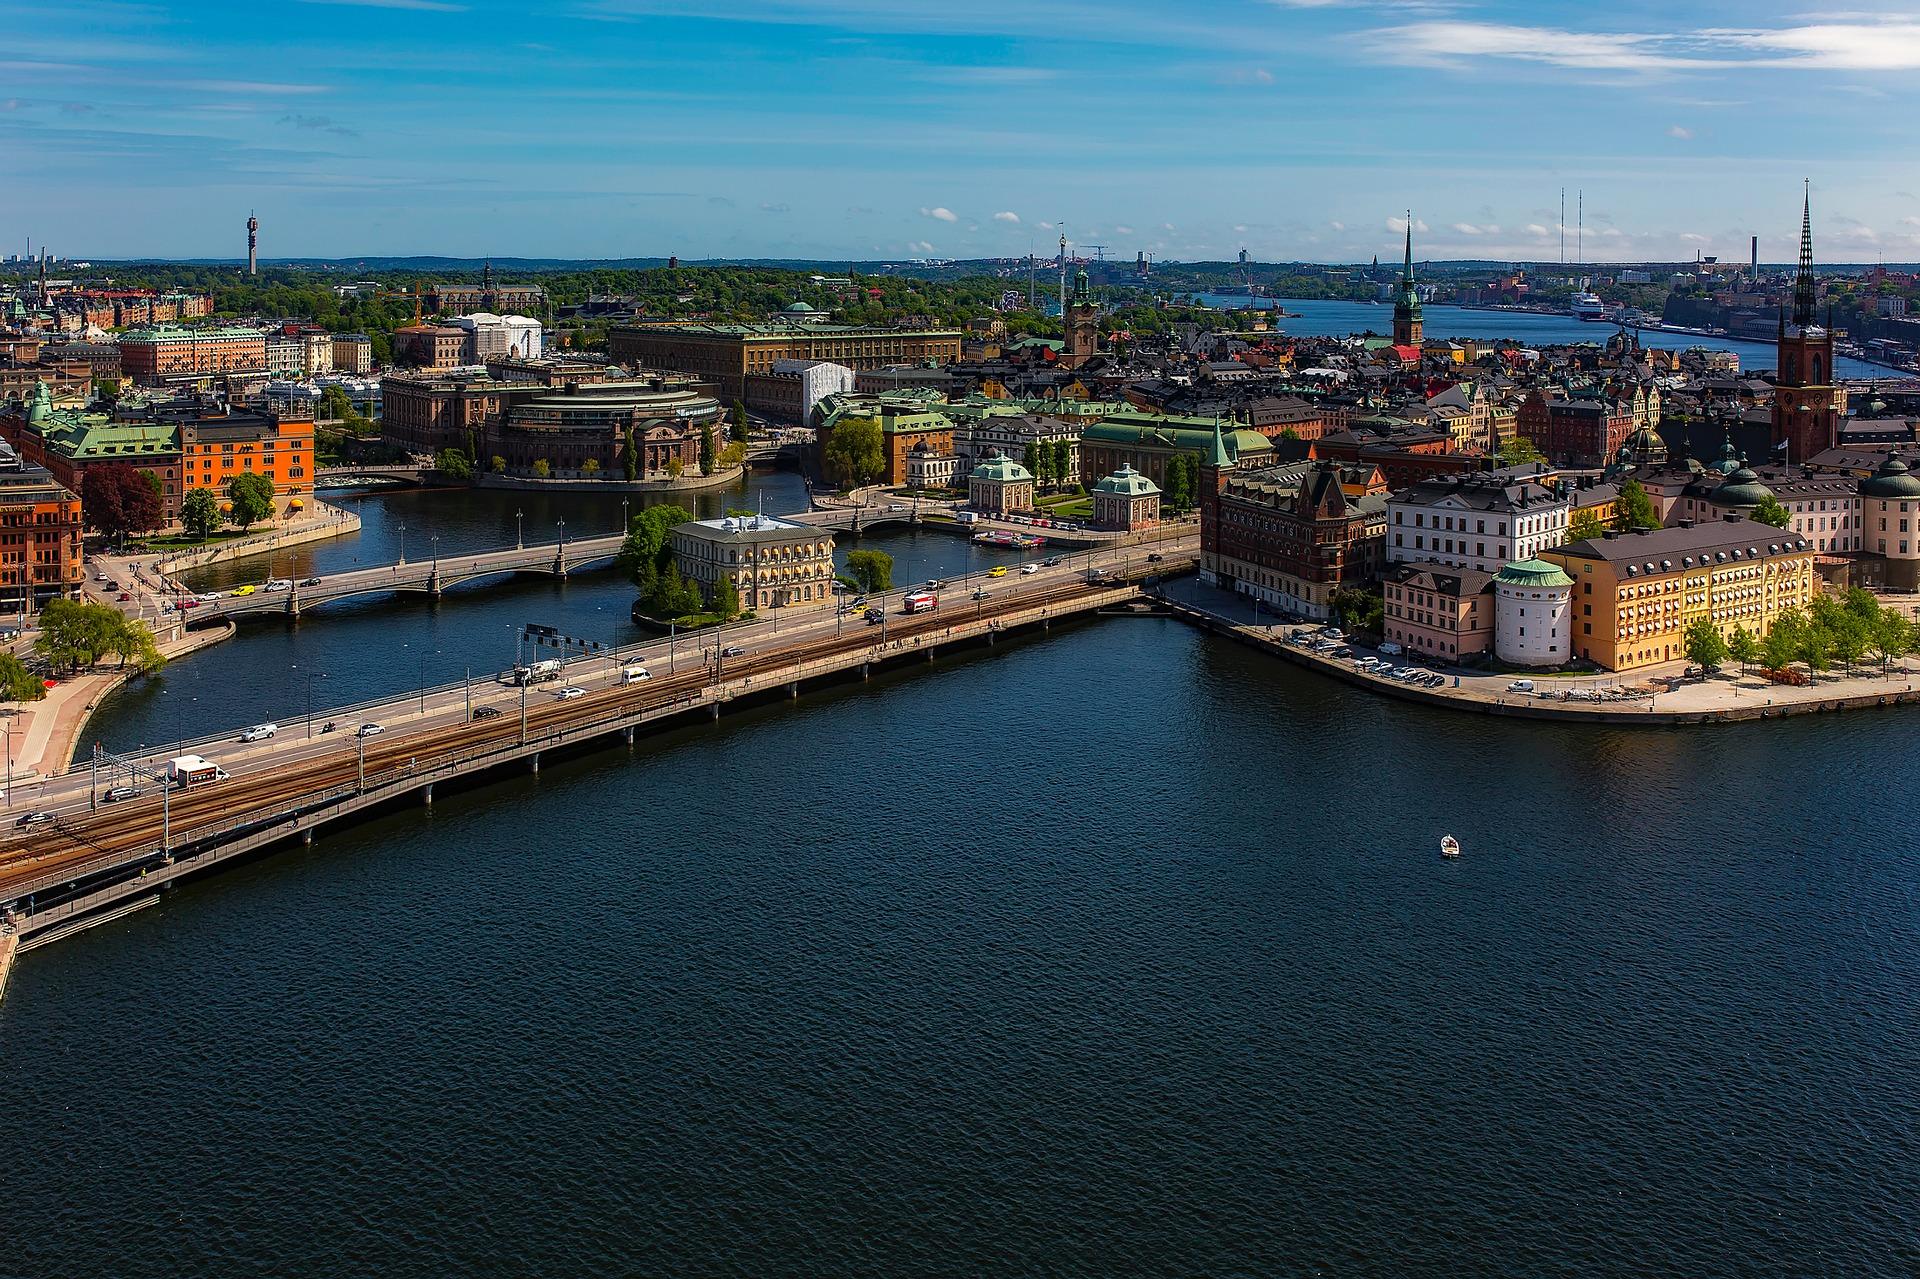 10 Best Places to Visit in Sweden|स्वीडन में घूमने के लिए 10 सर्वश्रेष्ठ जगहें